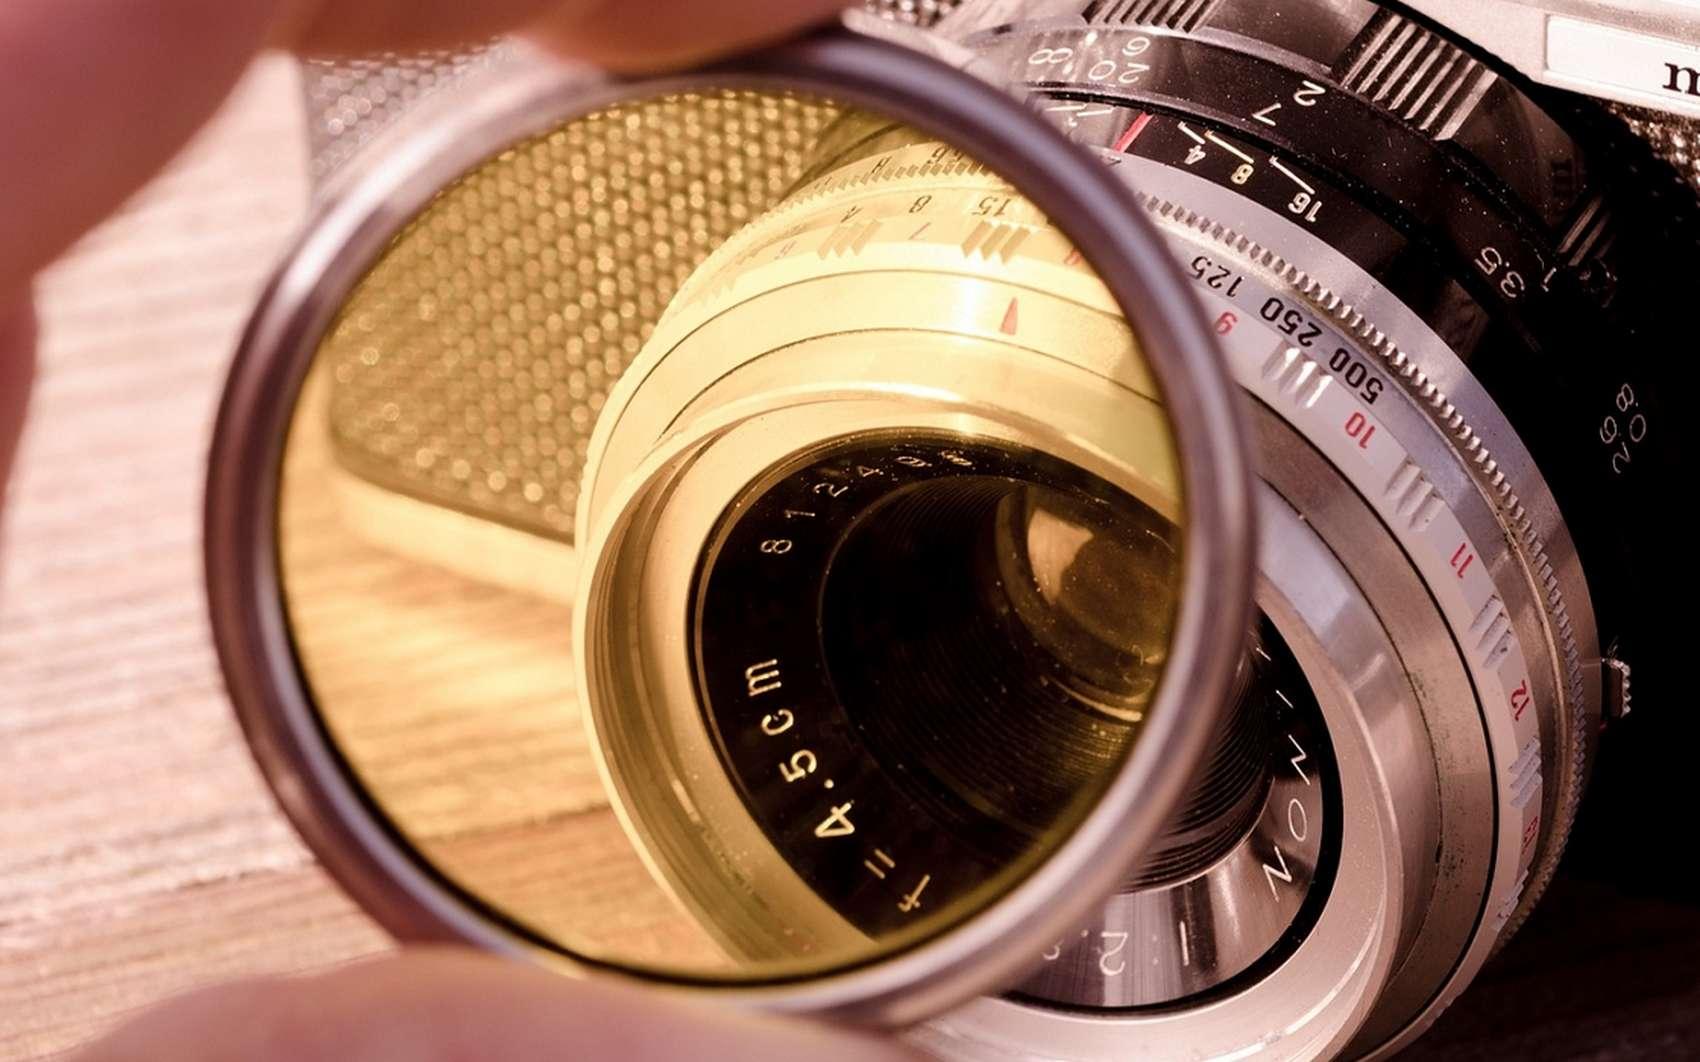 Les applications de filtres photo appliquent instantanément des effets graphiques pour personnaliser les photos numériques © Pixabay.com